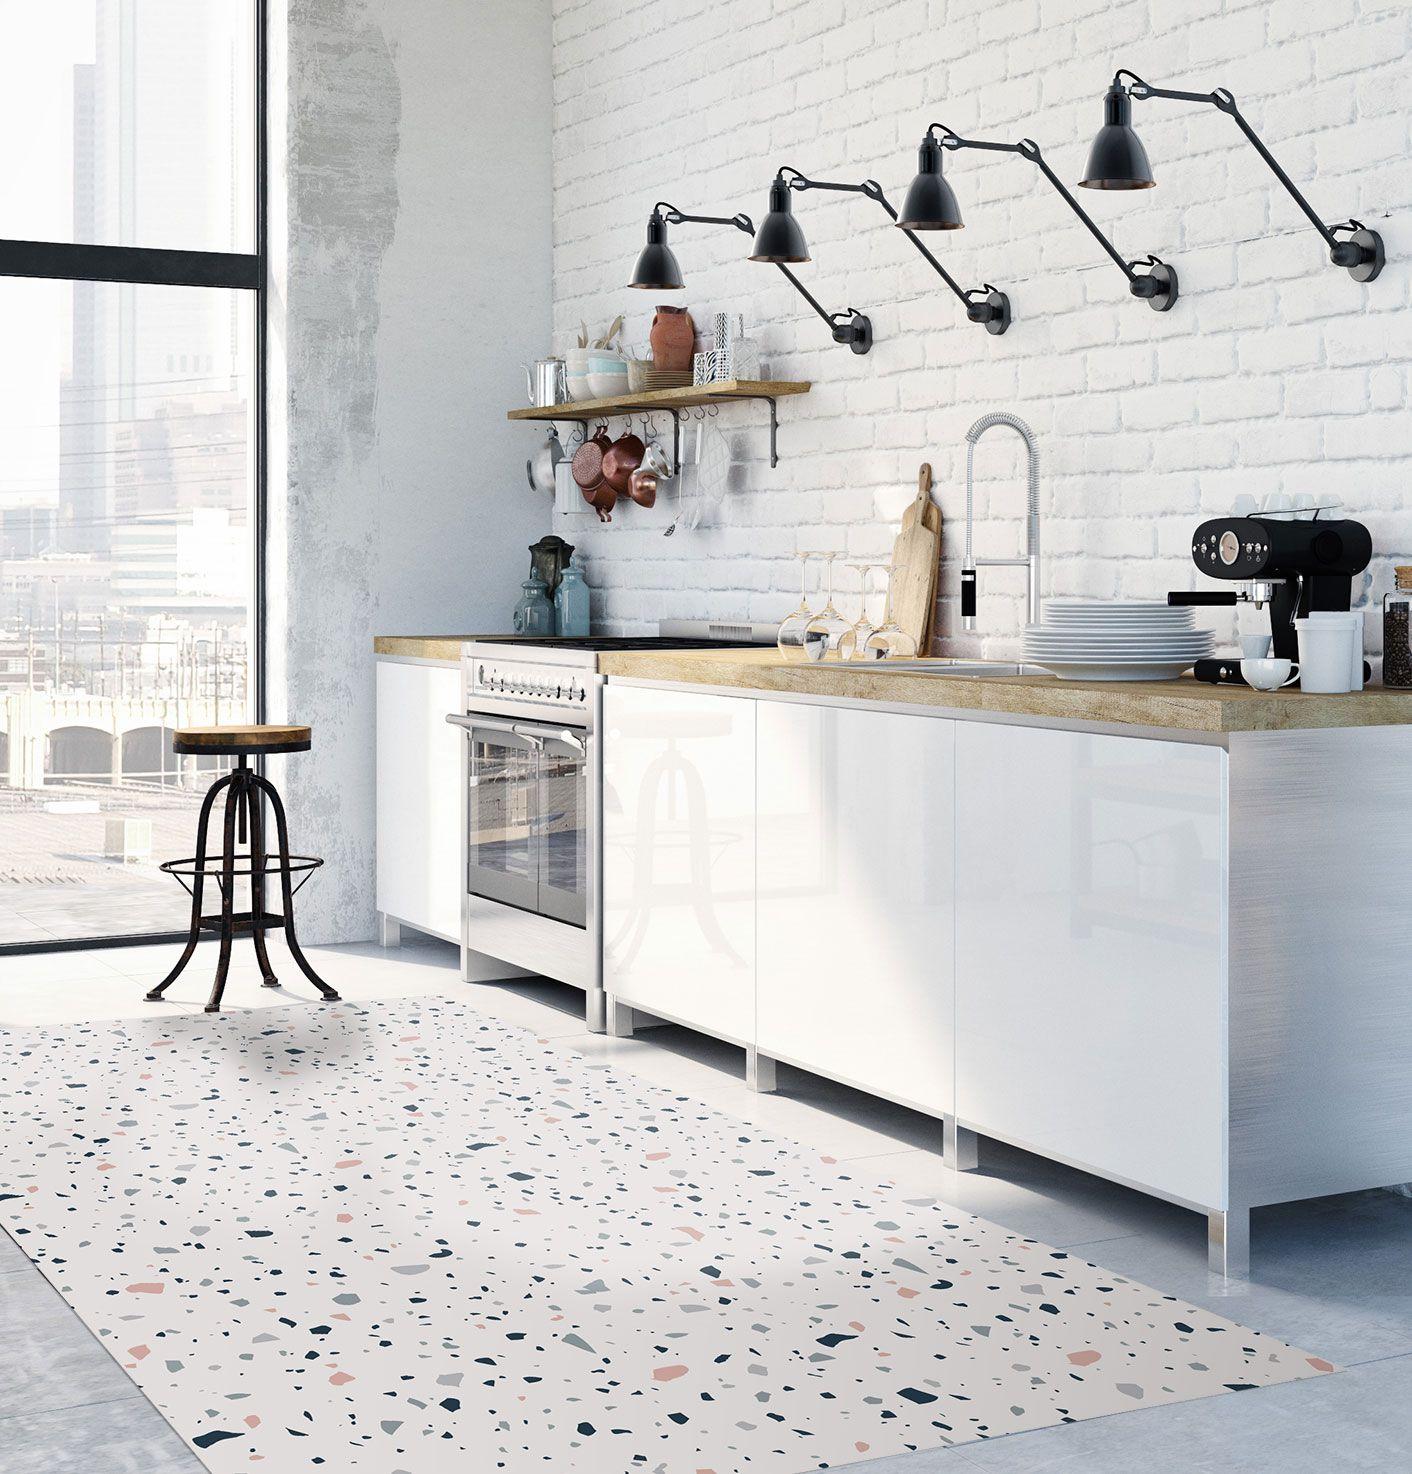 Terrazzo floor mat, Scandinavian style, Modern rug